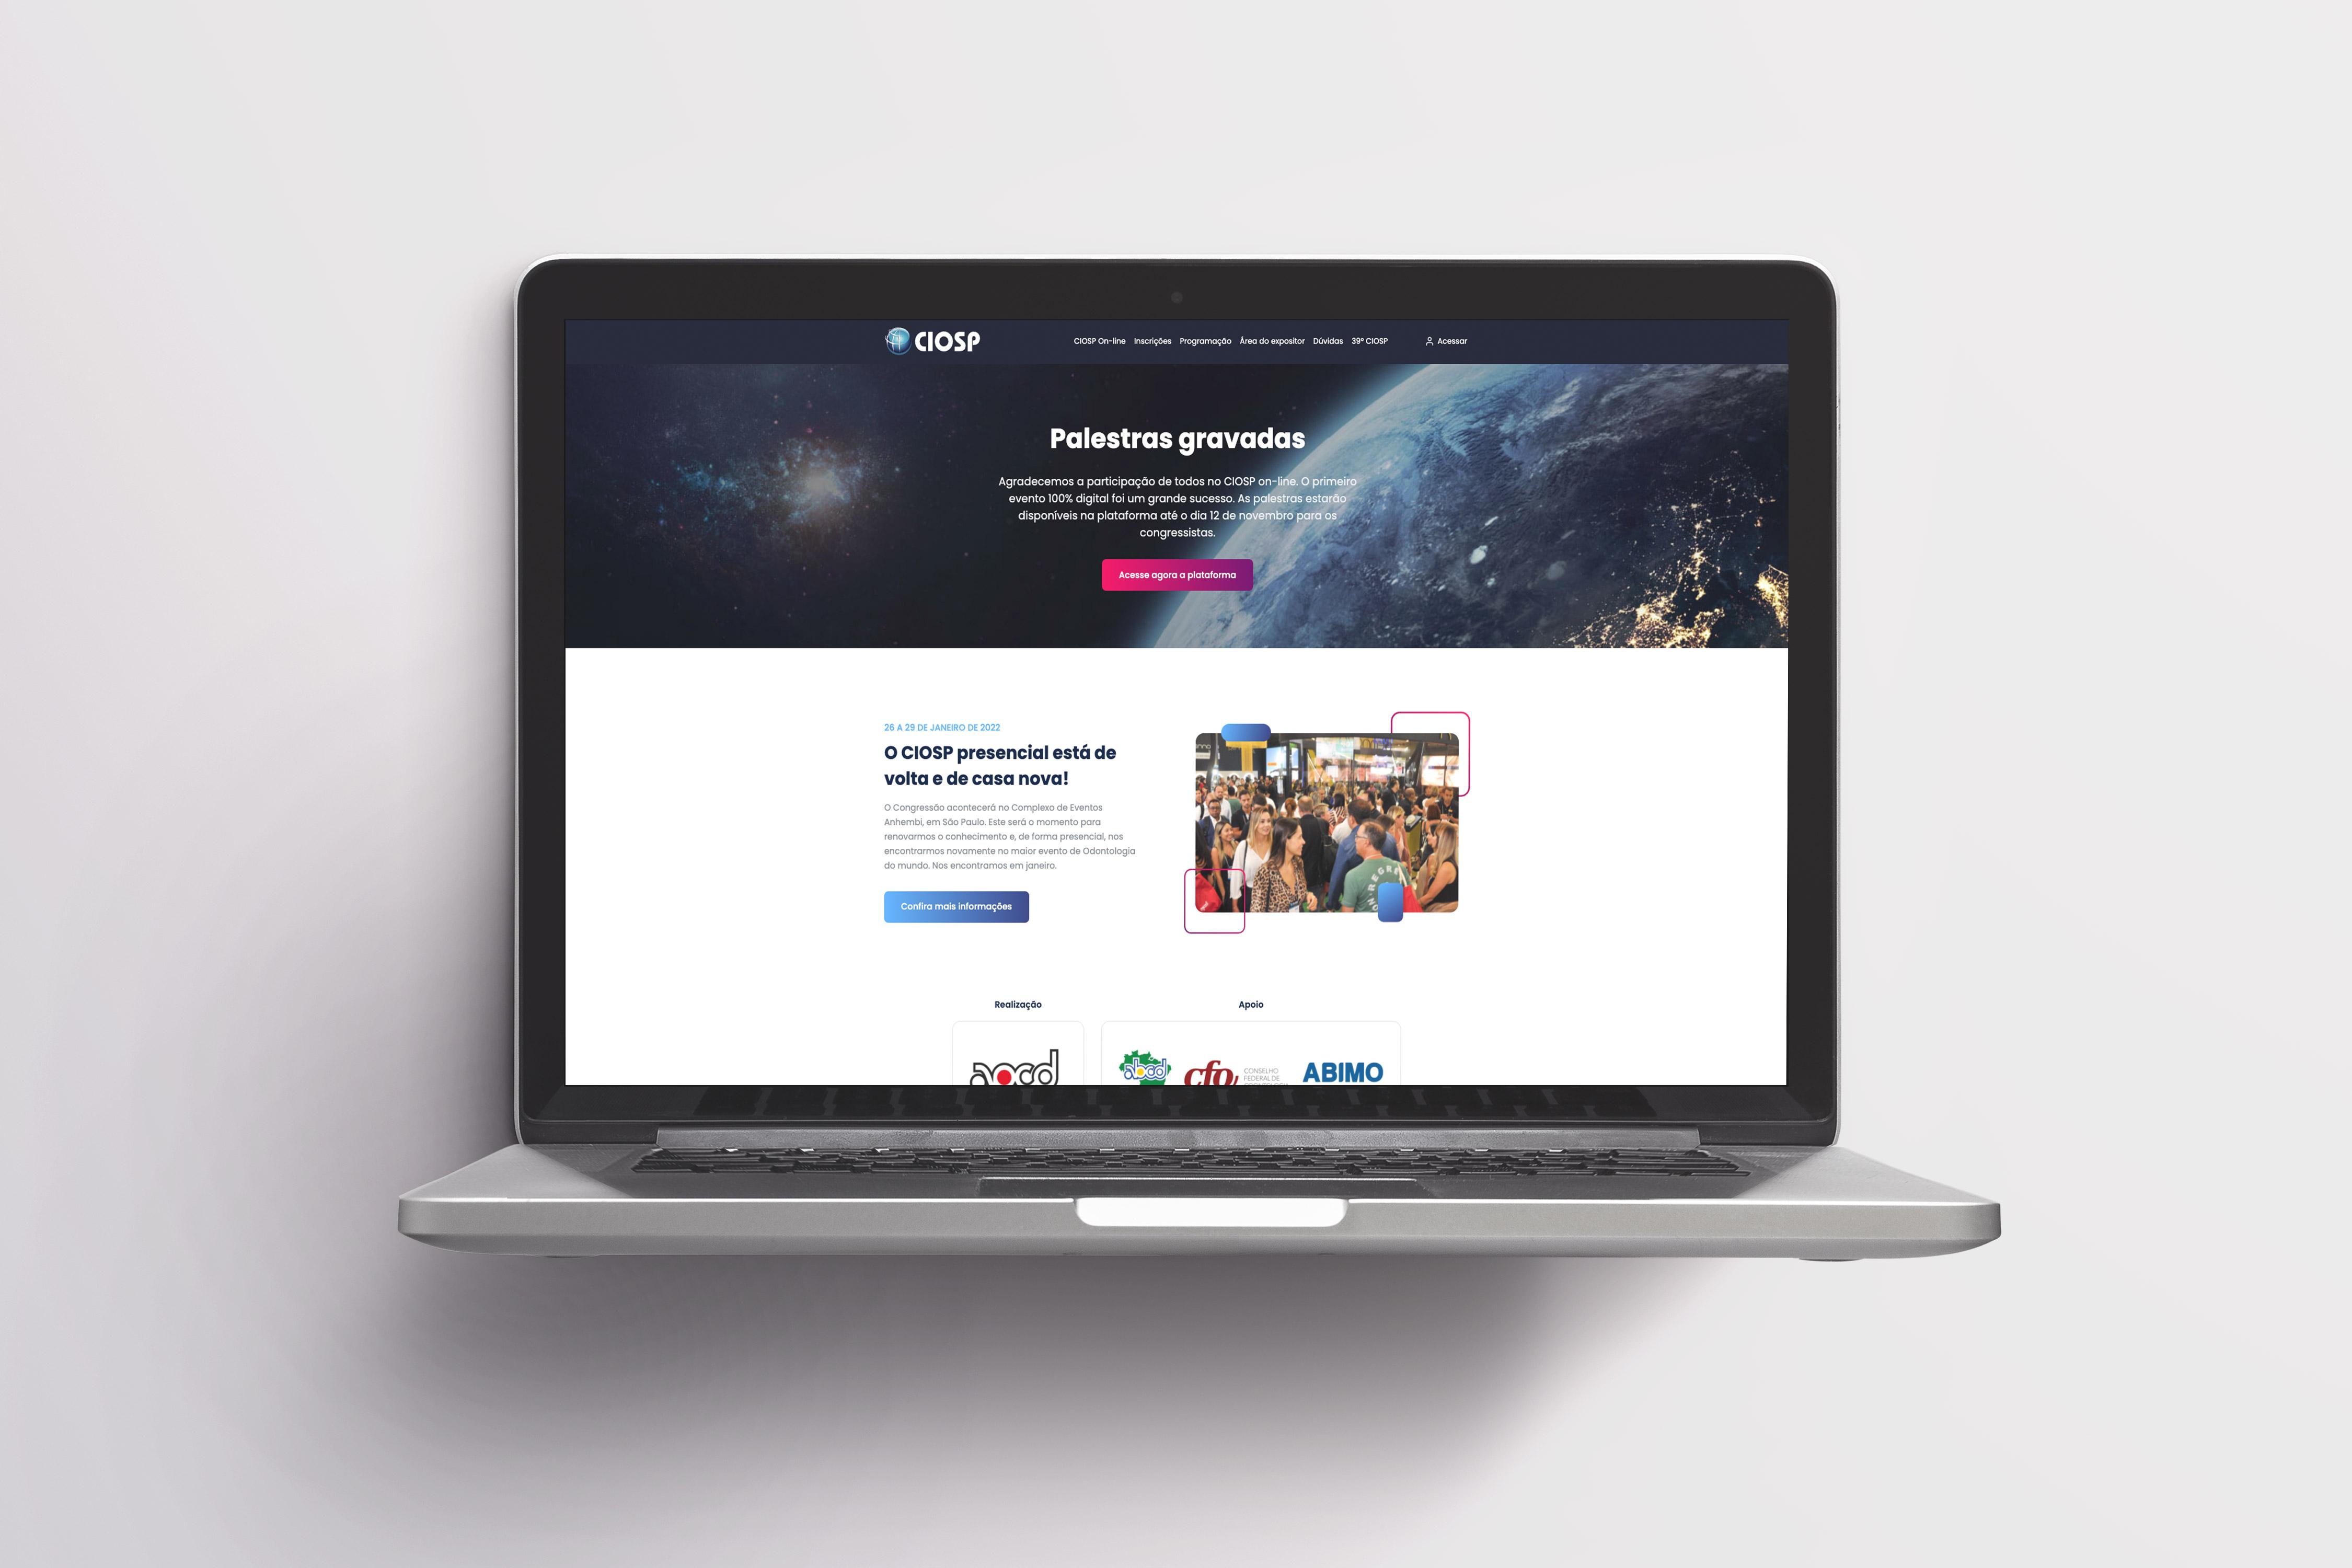 Reveja todo o conteúdo do CIOSP on-line até o dia 12 de novembro